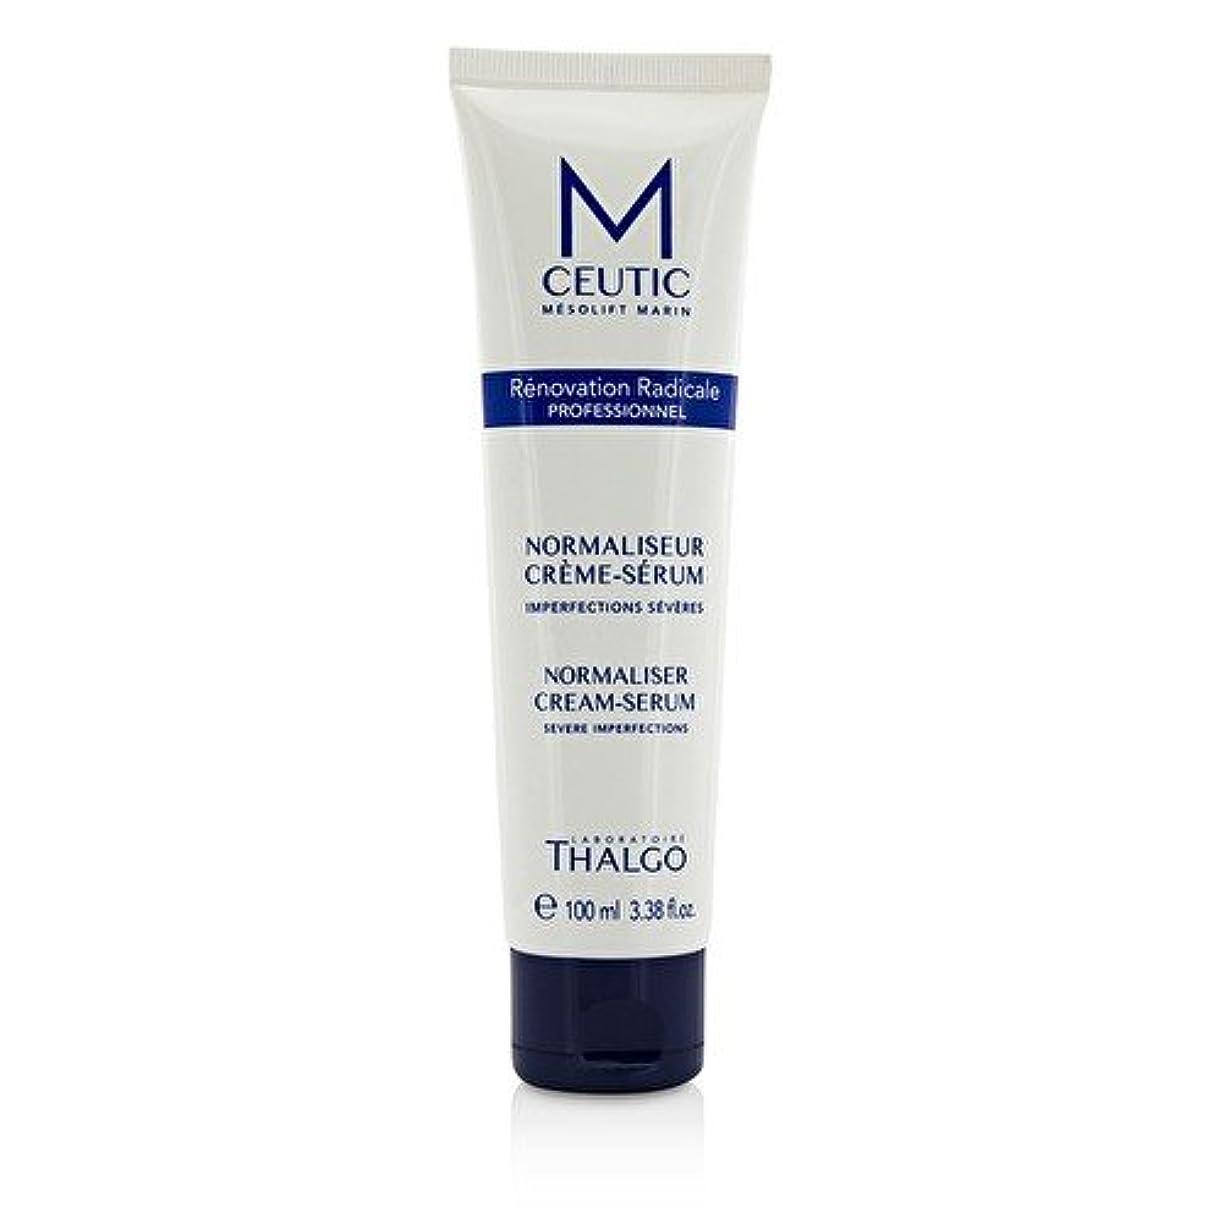 ひねりシロナガスクジラ一貫性のないタルゴ MCEUTIC Normalizer Cream-Serum - Salon Size 100ml/3.38oz並行輸入品